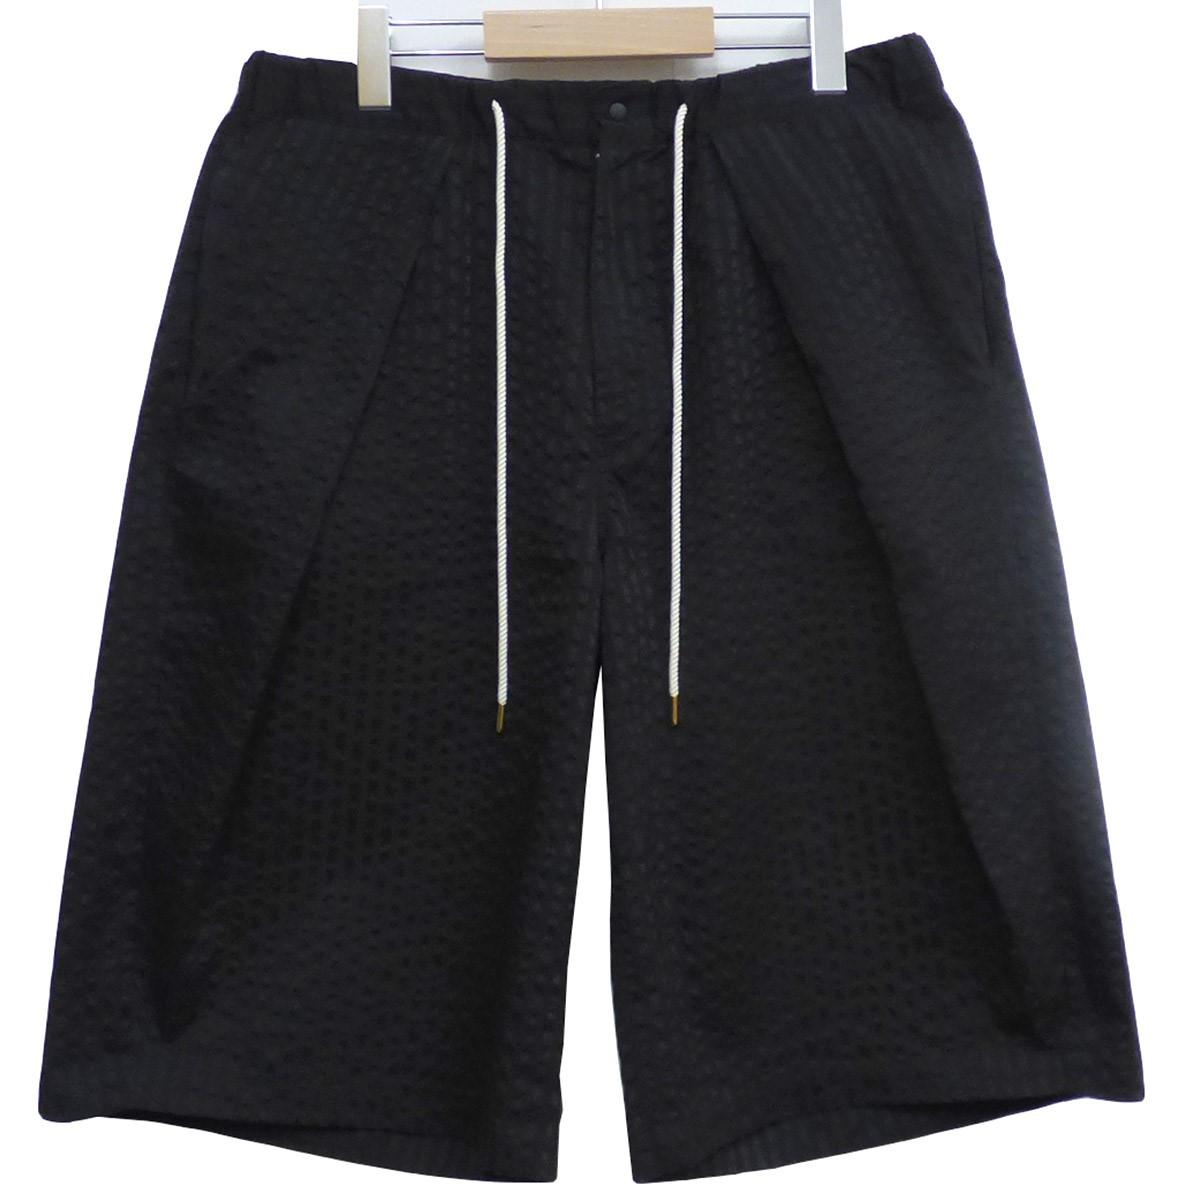 【中古】SASQUATCHfabrix. Baseball Shortsベースボールオーバーサイズショーツ ブラック サイズ:SIZE XL(~94cm) 【150420】(サスクワァッチファブリックス.)